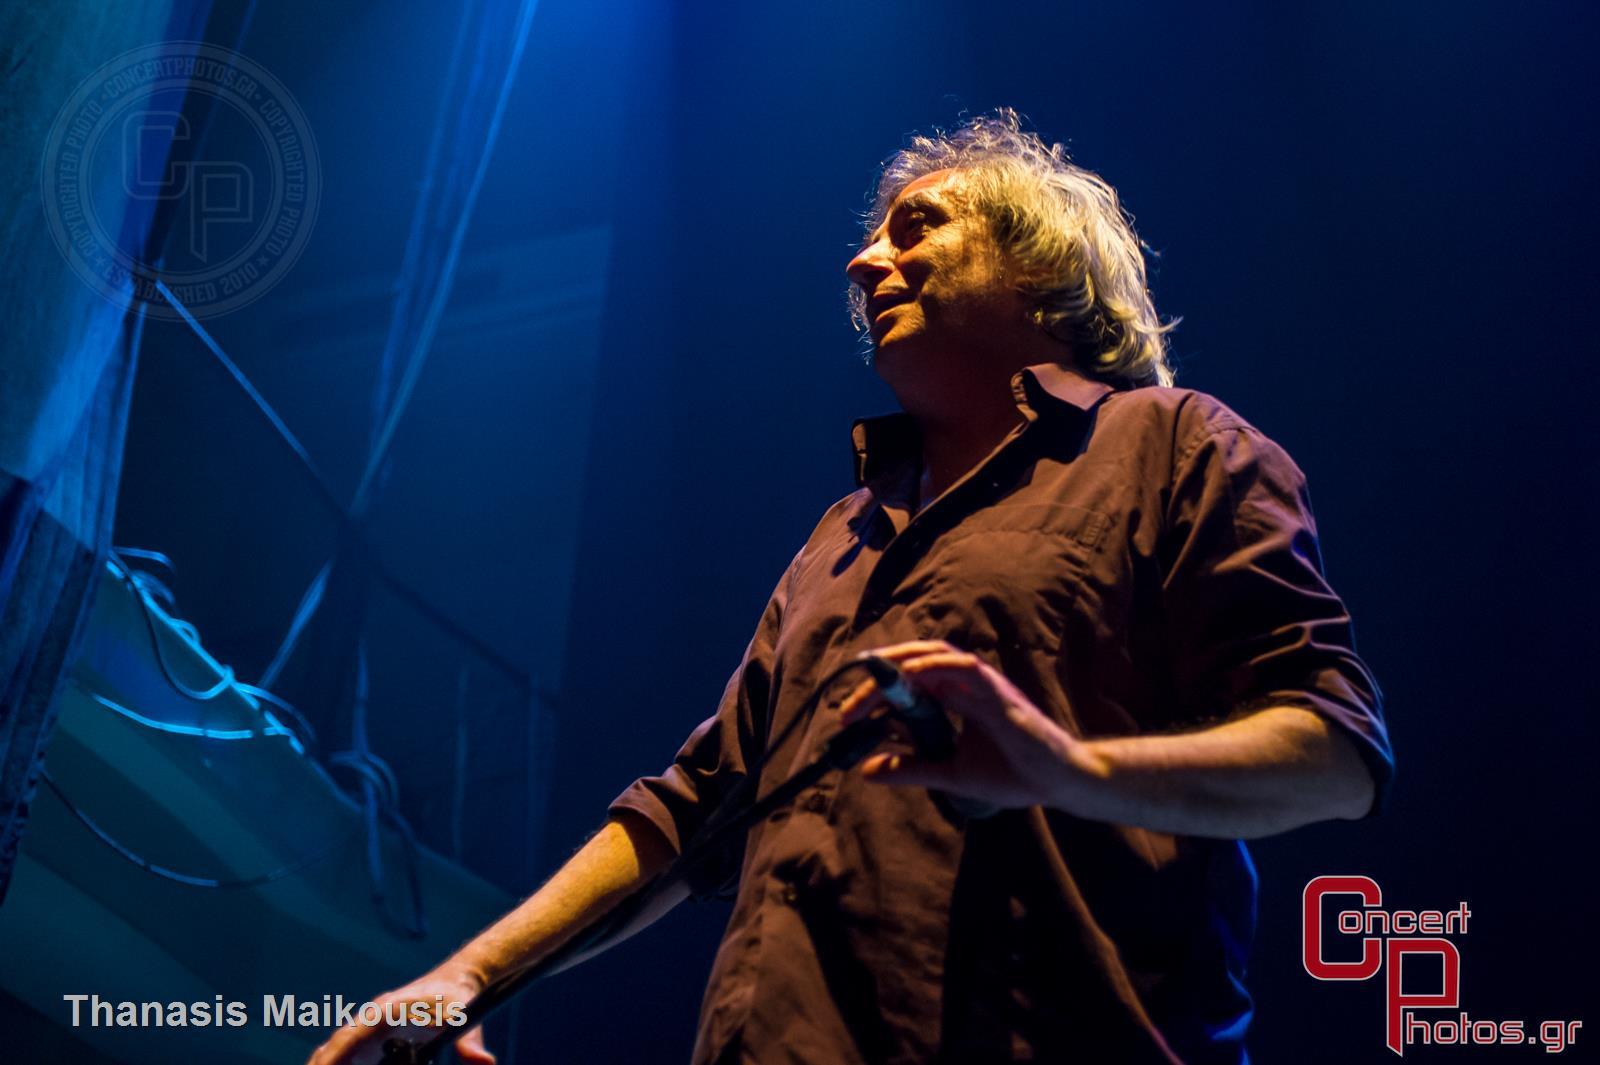 Γιάννης Αγγελάκας-Giannis Aggelakas Stage volume 1 photographer: Thanasis Maikousis - _DSC1755